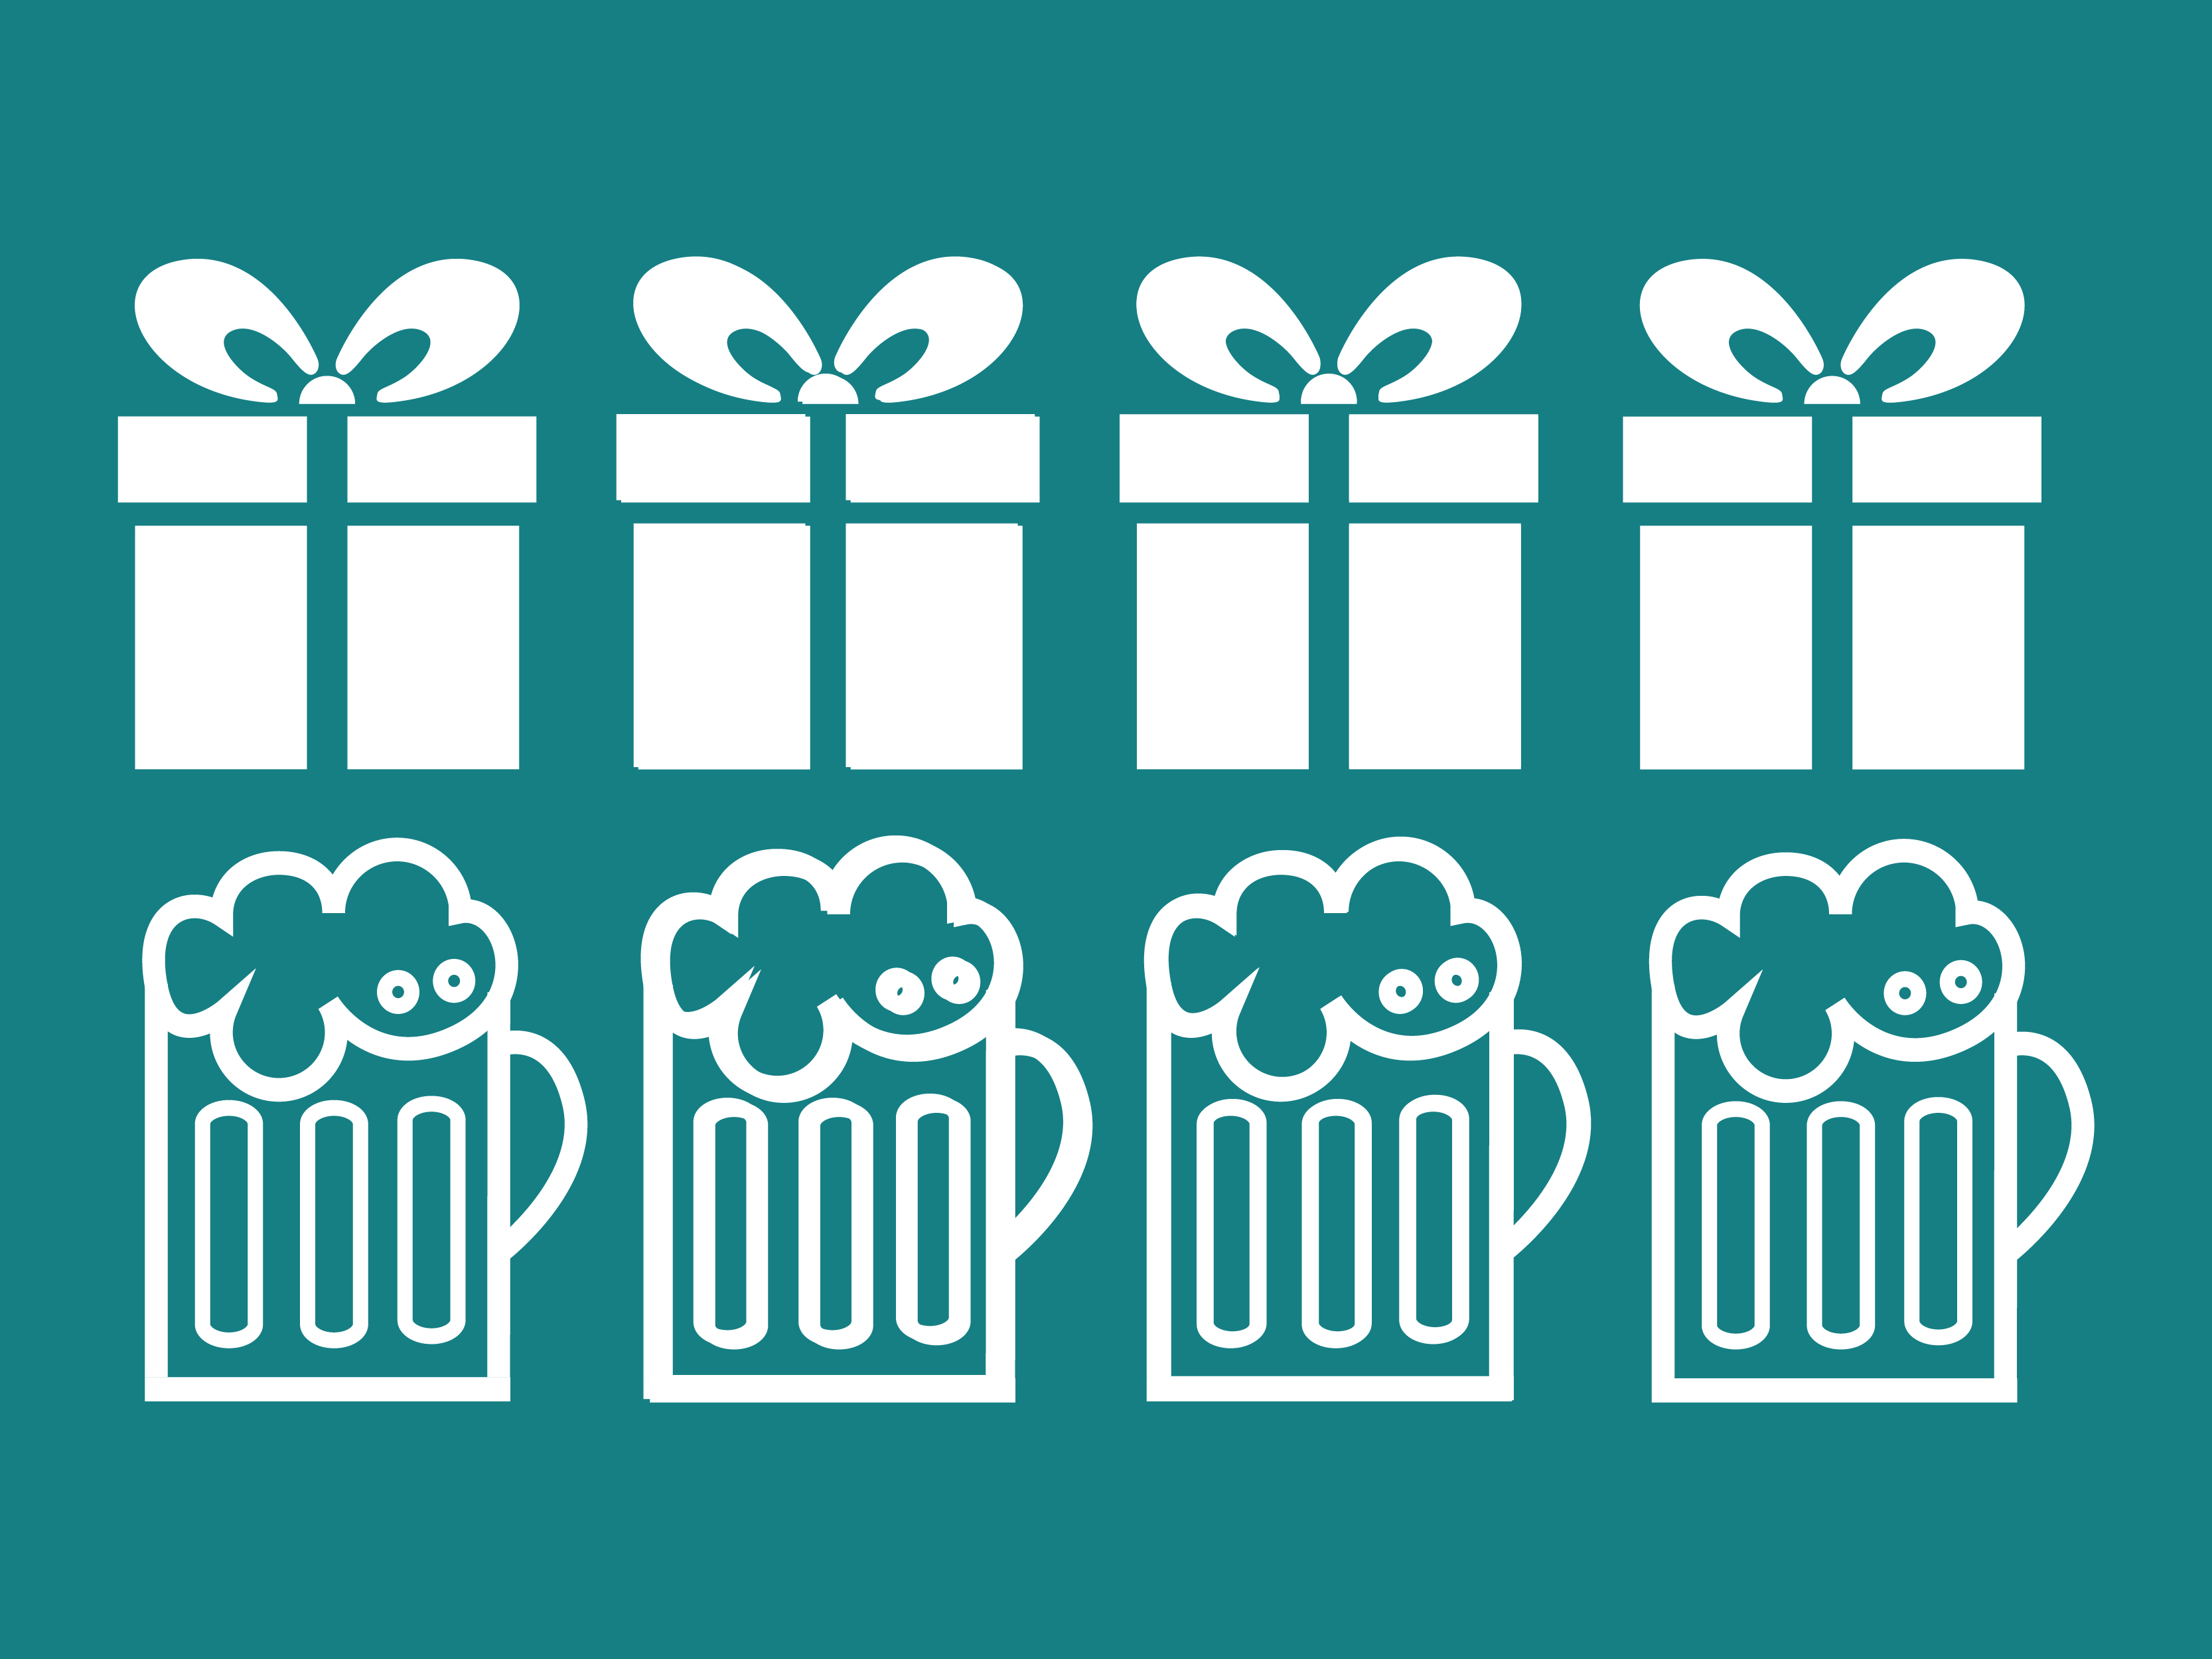 visu_cadeaux-06-1463574129.jpg